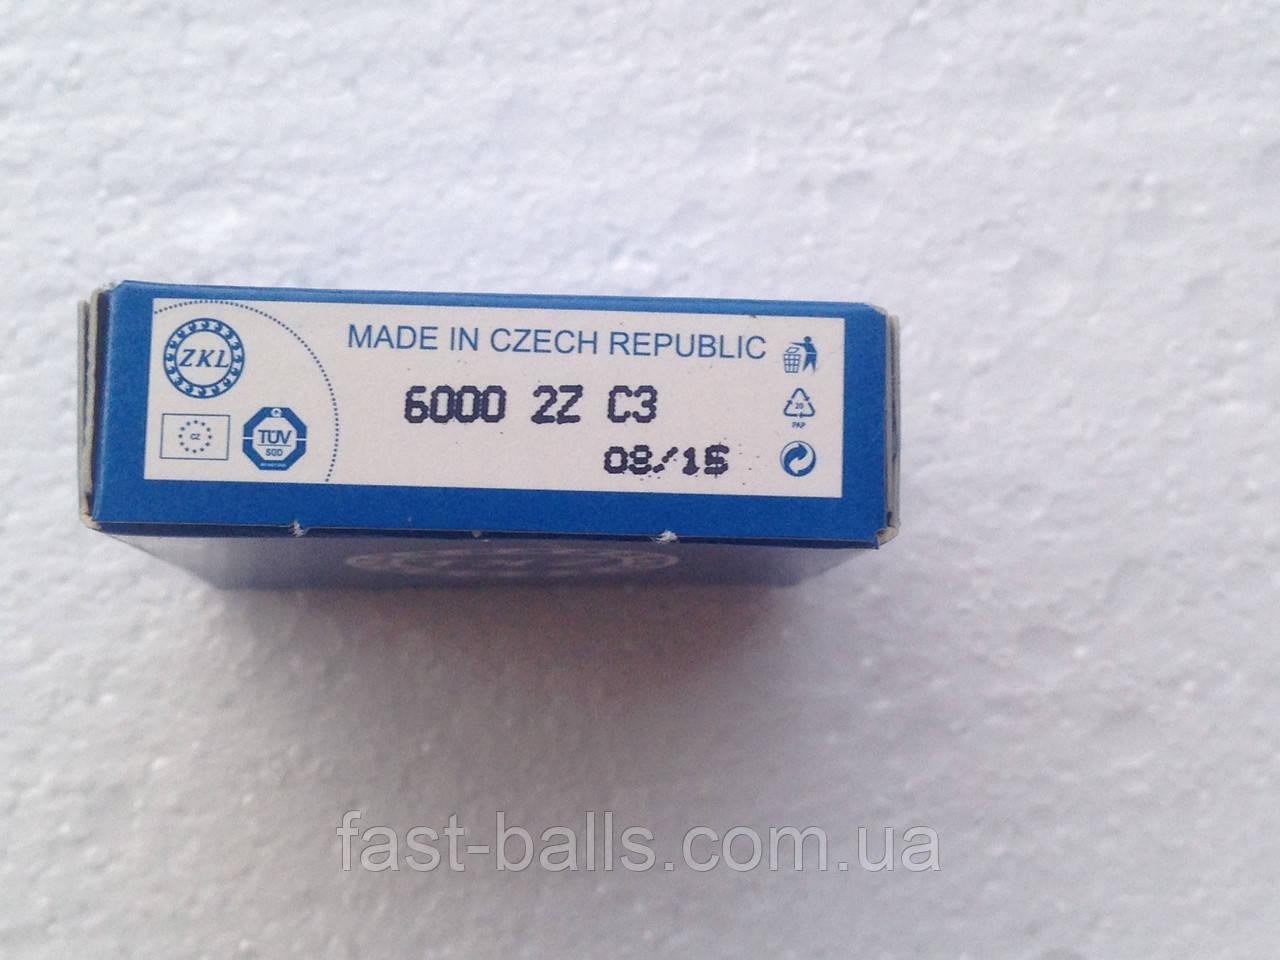 Подшипник ZKL 6000 C3 2Z (10x26x8) однорядный с тепловым зазором